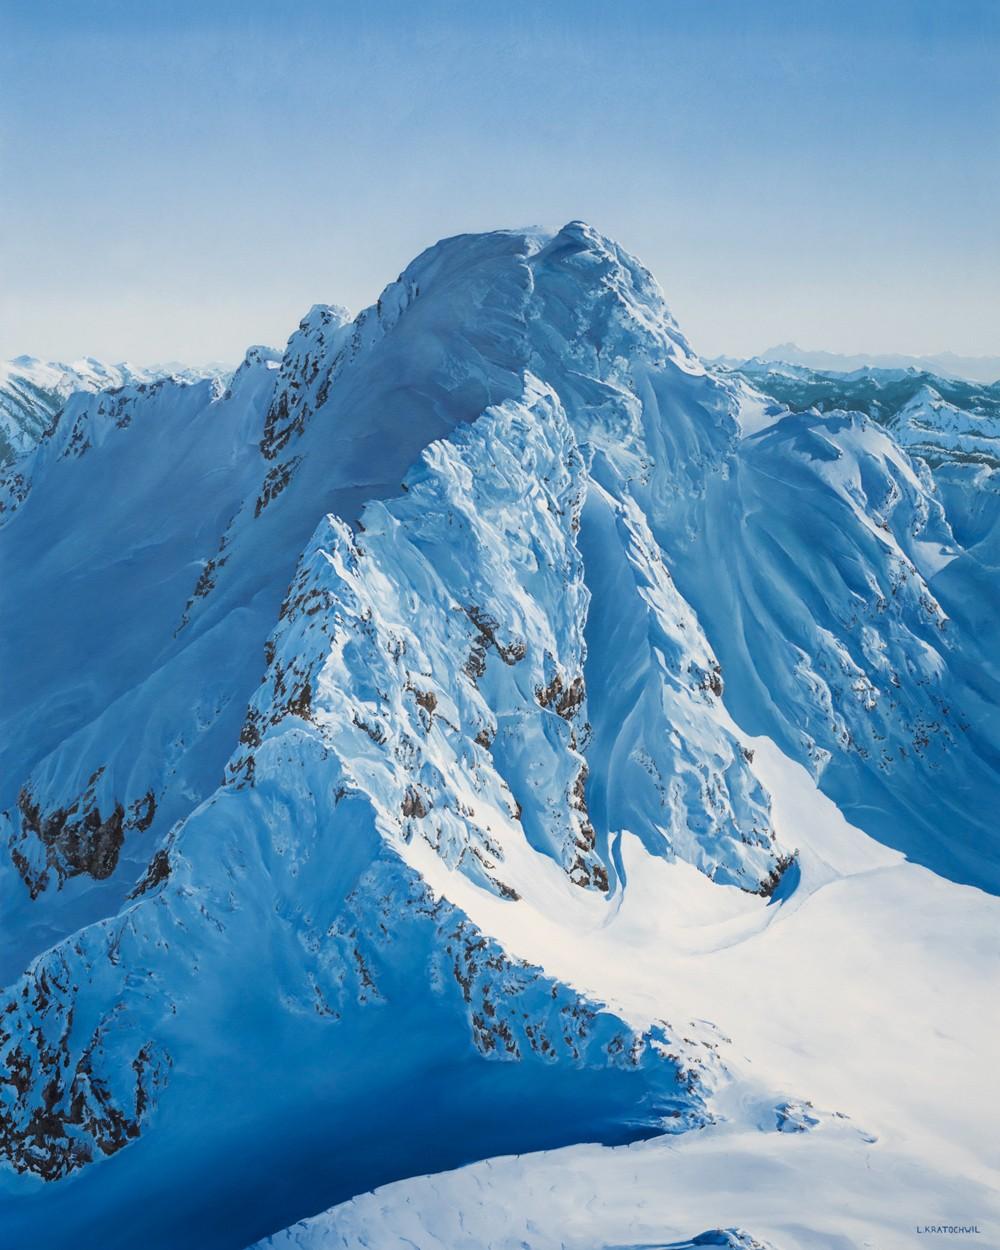 Lucas Kratochwil Mount Serratus